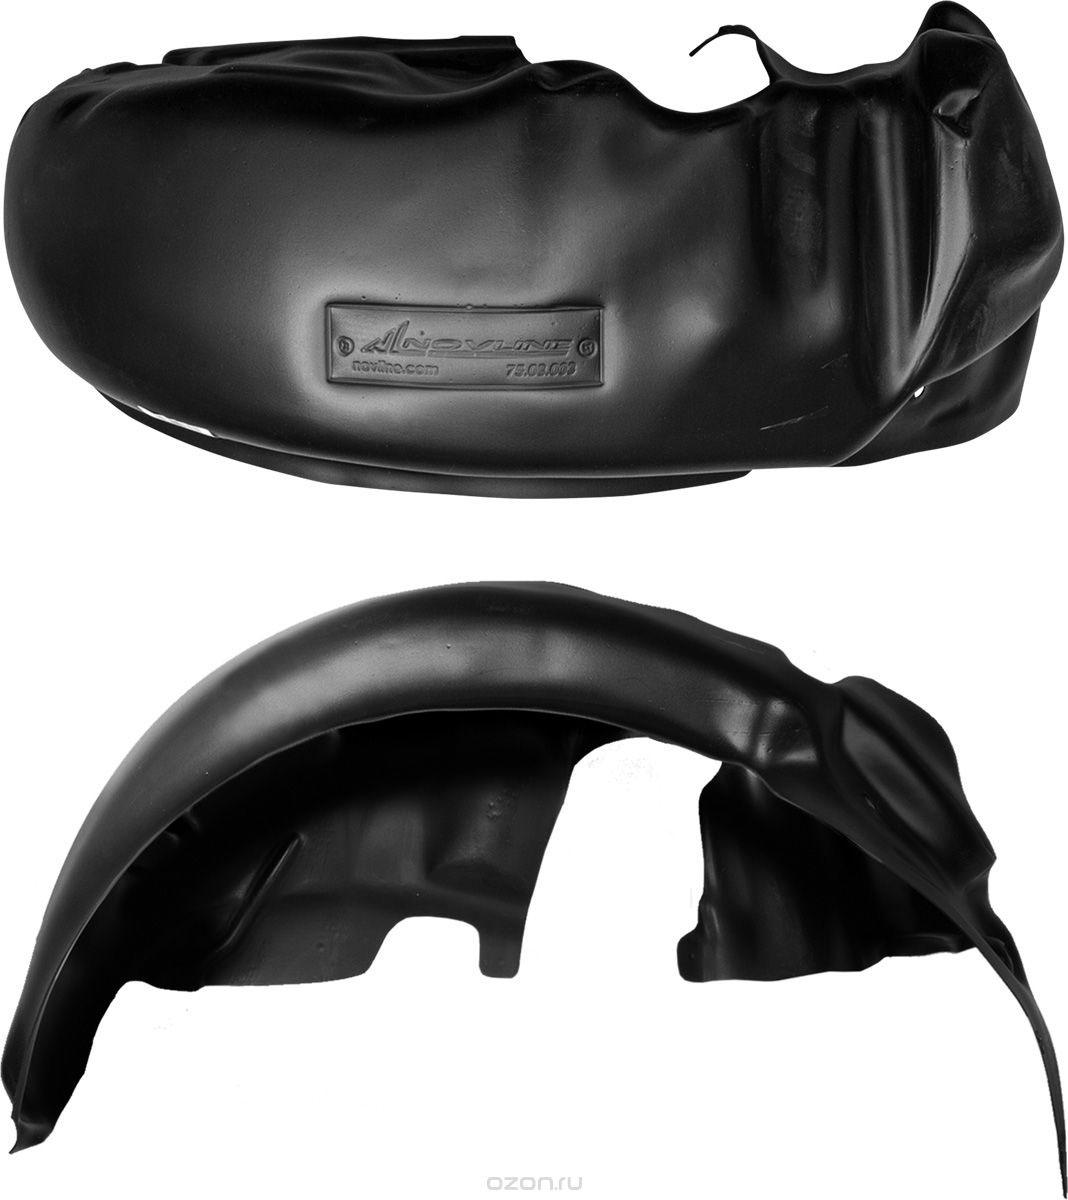 Подкрылок Novline-Autofamily, для HYUNDAI Tucson, 11/2015->, кроссовер, задний левыйIRK-503Идеальная защита колесной ниши. Локеры разработаны с применением цифровых технологий, гарантируют максимальную повторяемость поверхности арки. Изделия устанавливаются без нарушения лакокрасочного покрытия автомобиля, каждый подкрылок комплектуется крепежом. Уважаемые клиенты, обращаем ваше внимание, что фотографии на подкрылки универсальные и не отражают реальную форму изделия. При этом само изделие идет точно под размер указанного автомобиля.